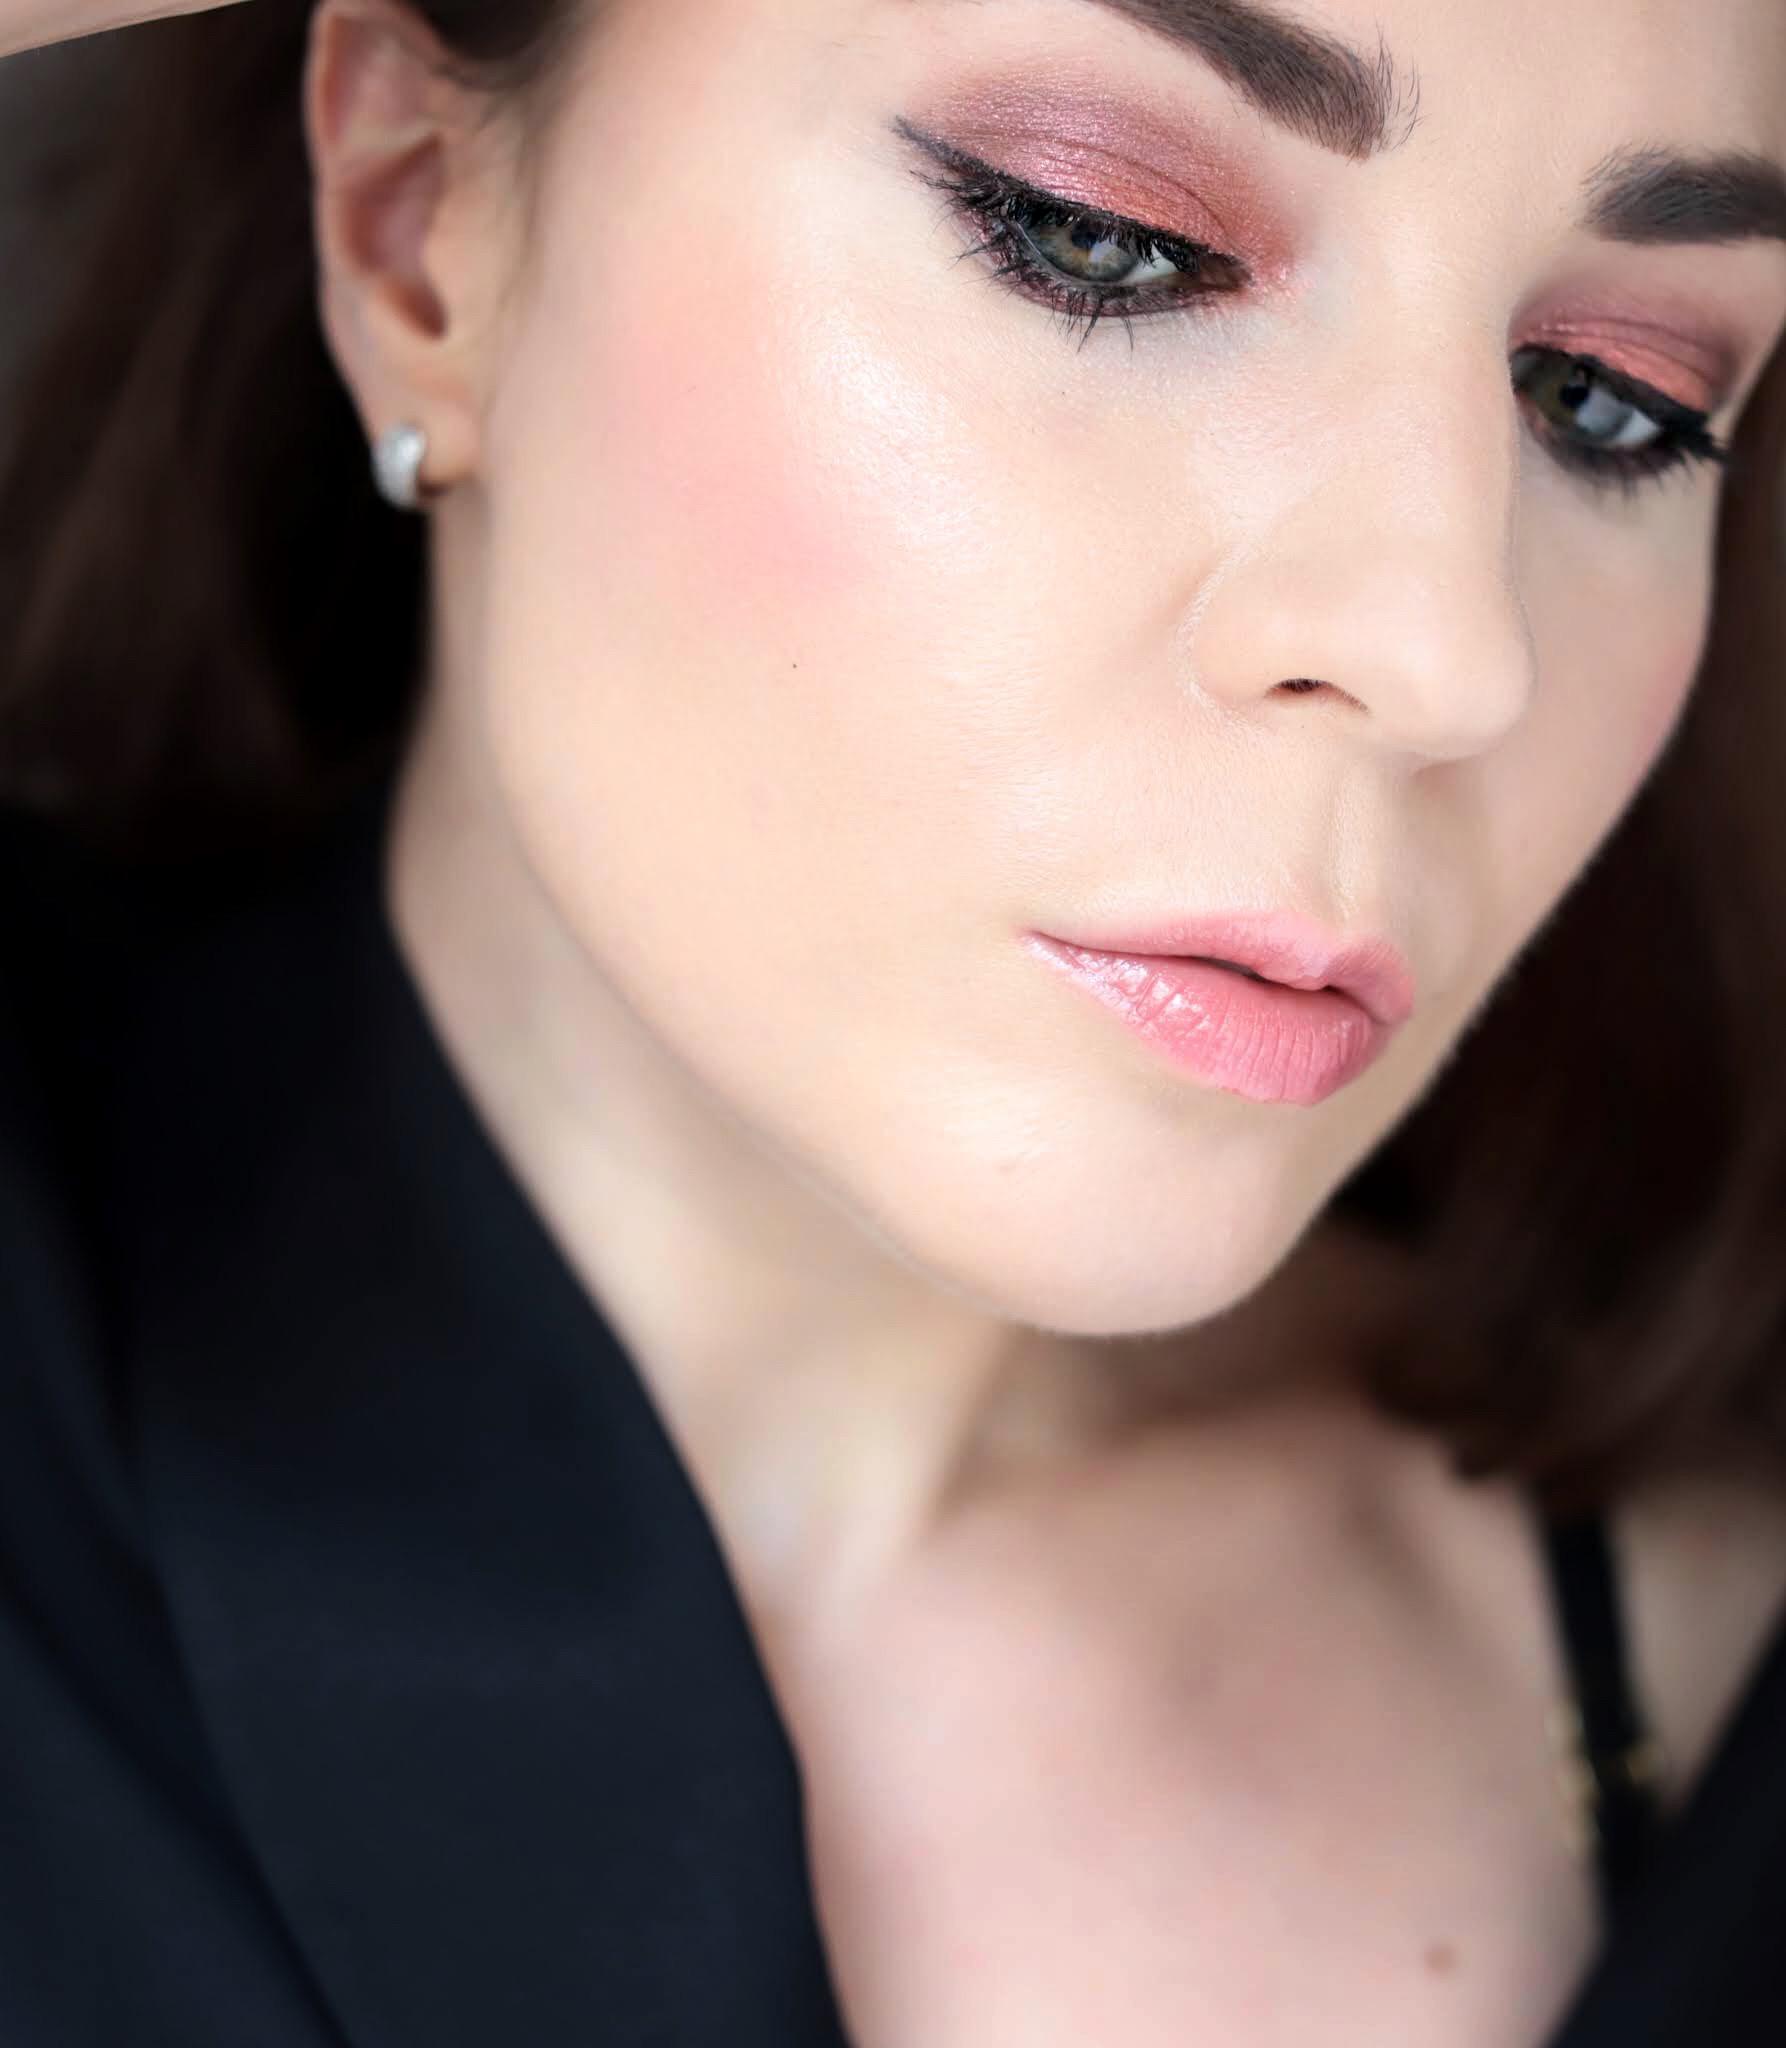 Nars Orgasm X Maquillage